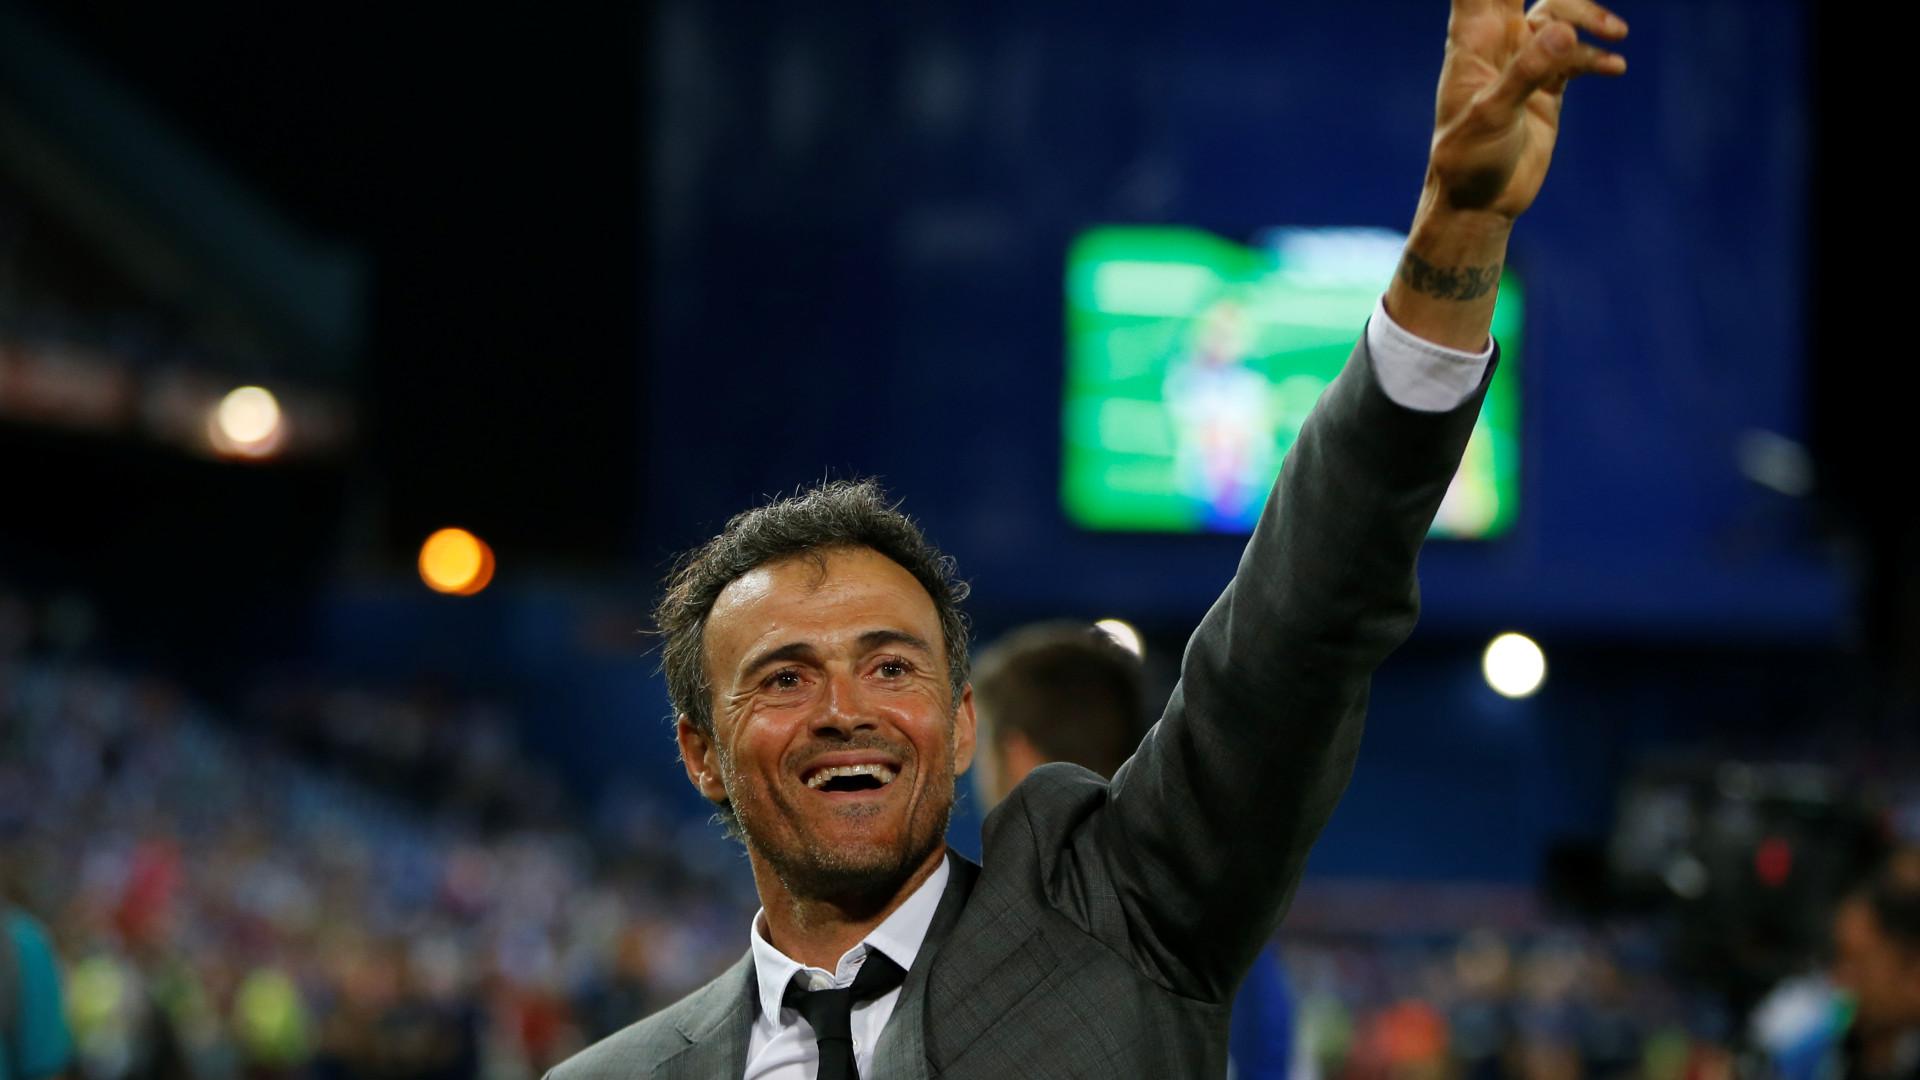 Oficial: Luis Enrique é o novo selecionador espanhol